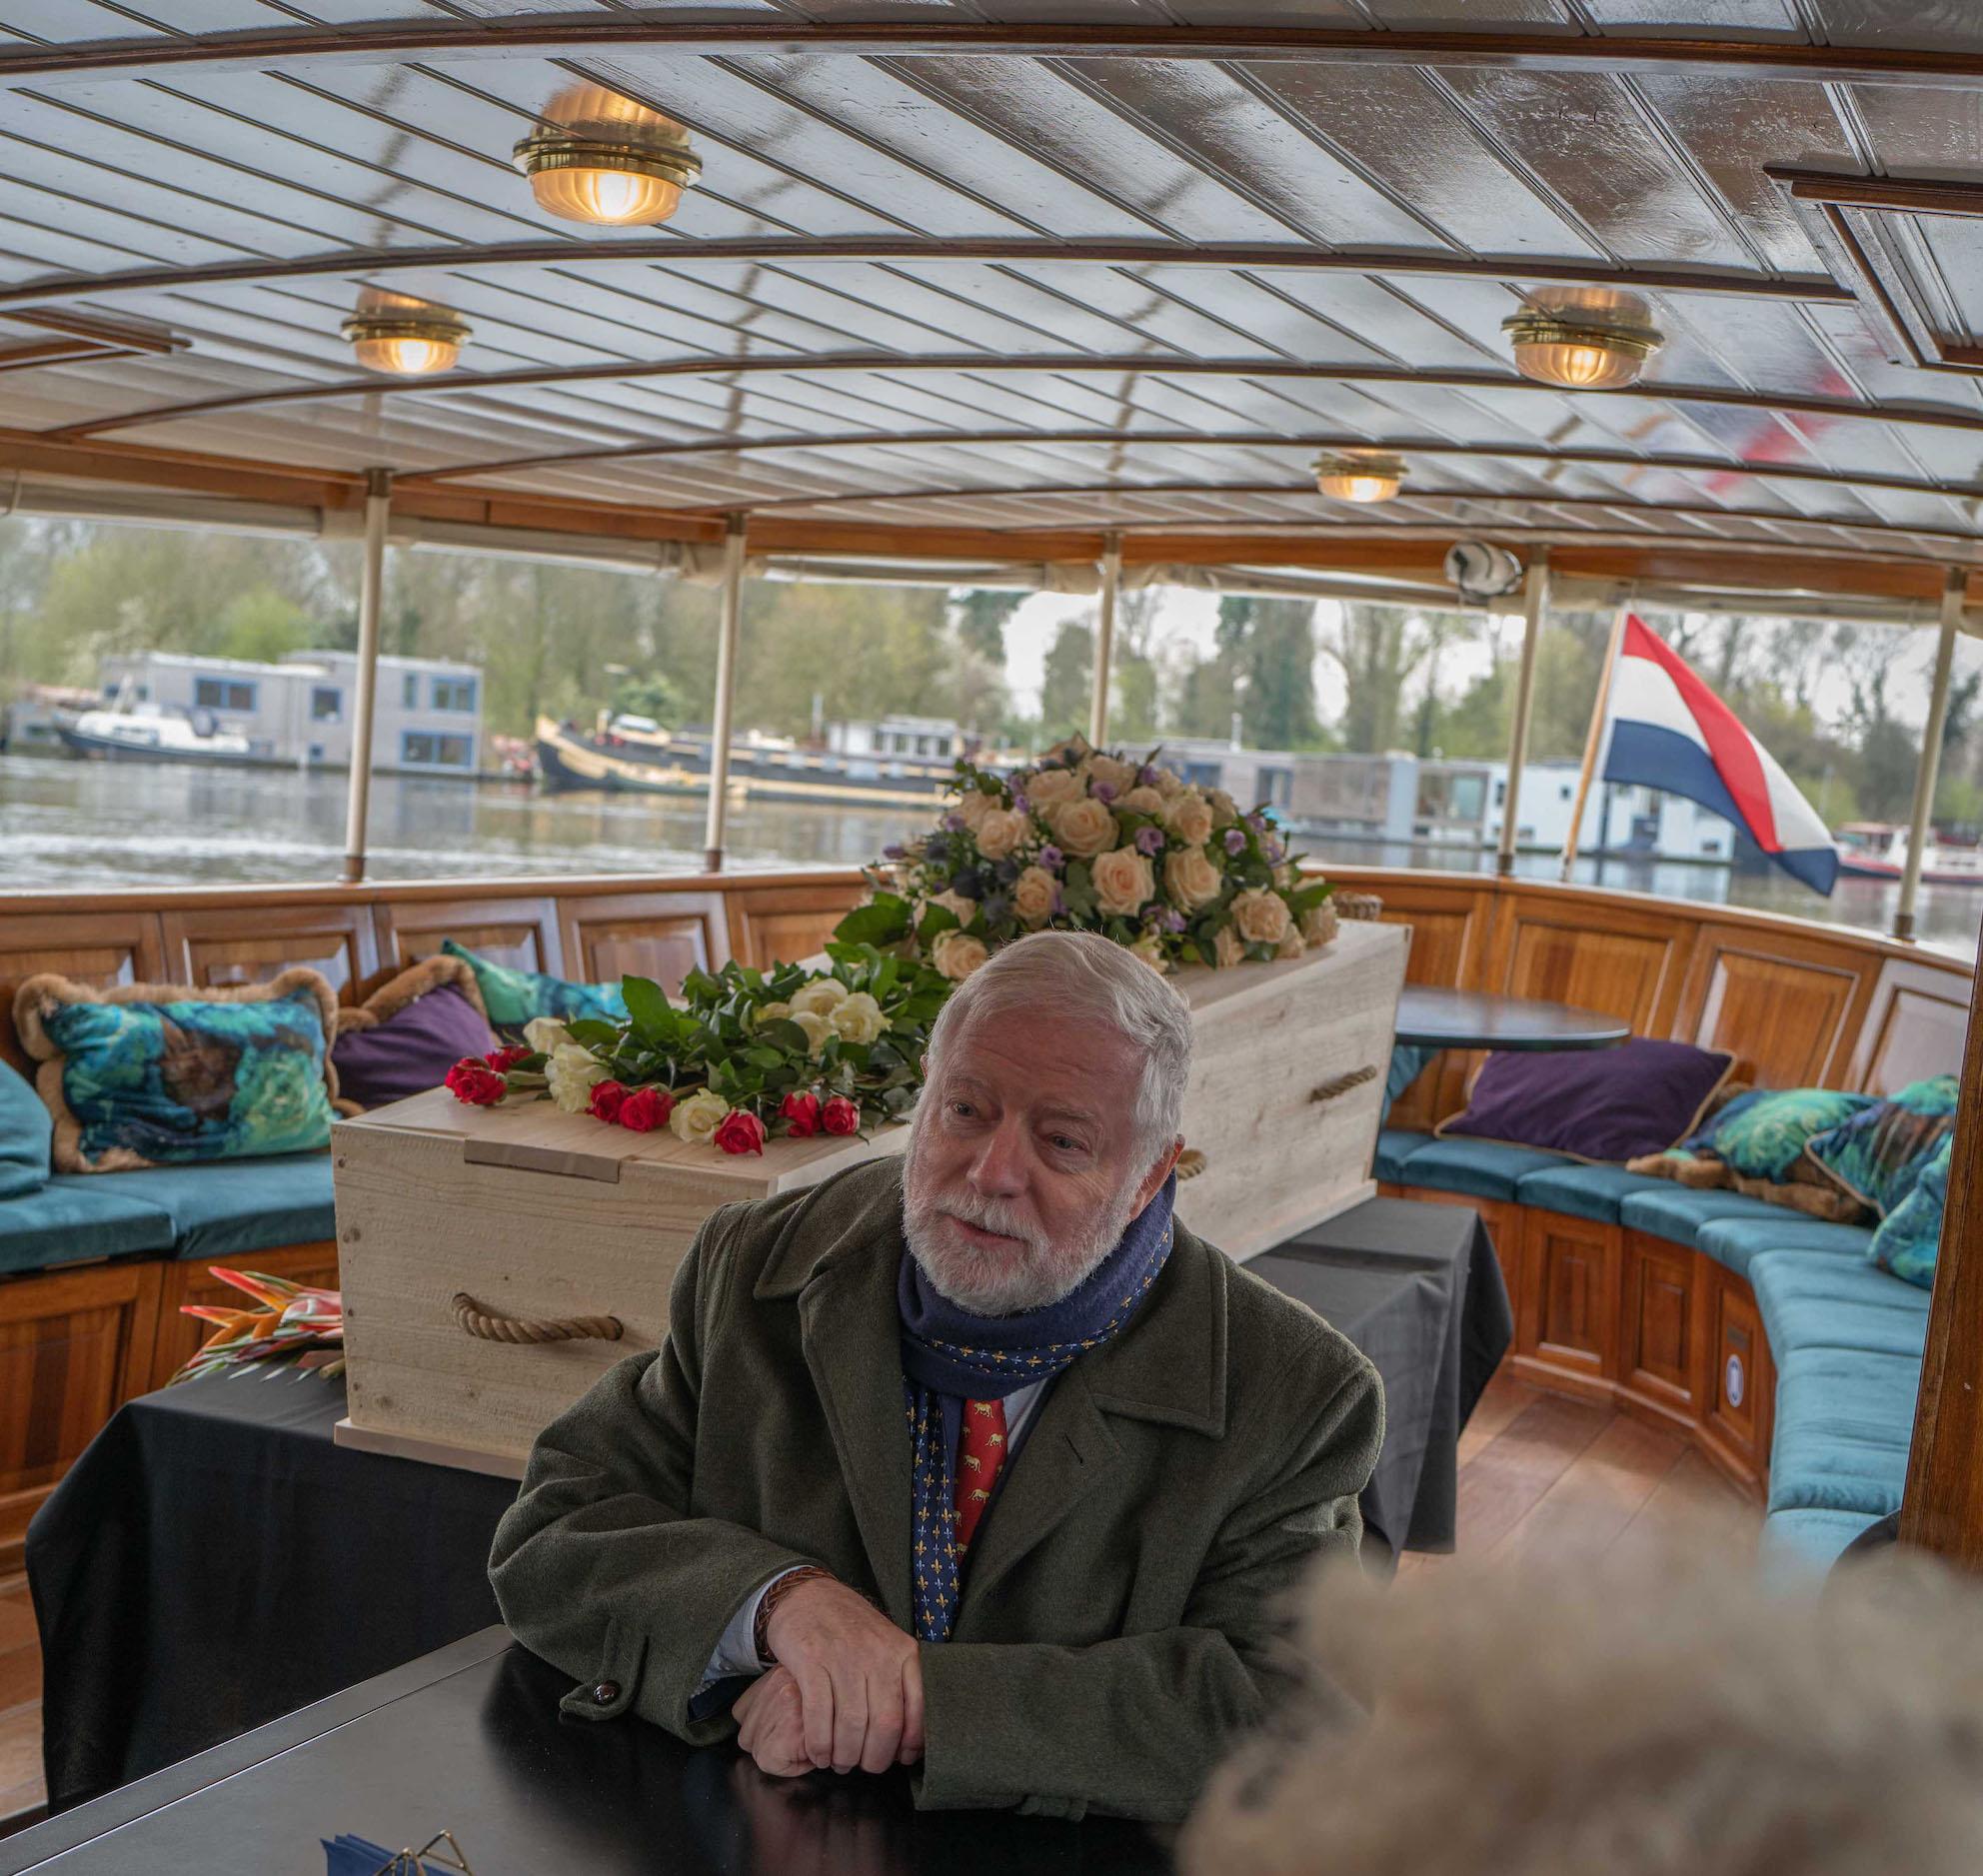 wateruitvaart kist aan boord boot afscheid